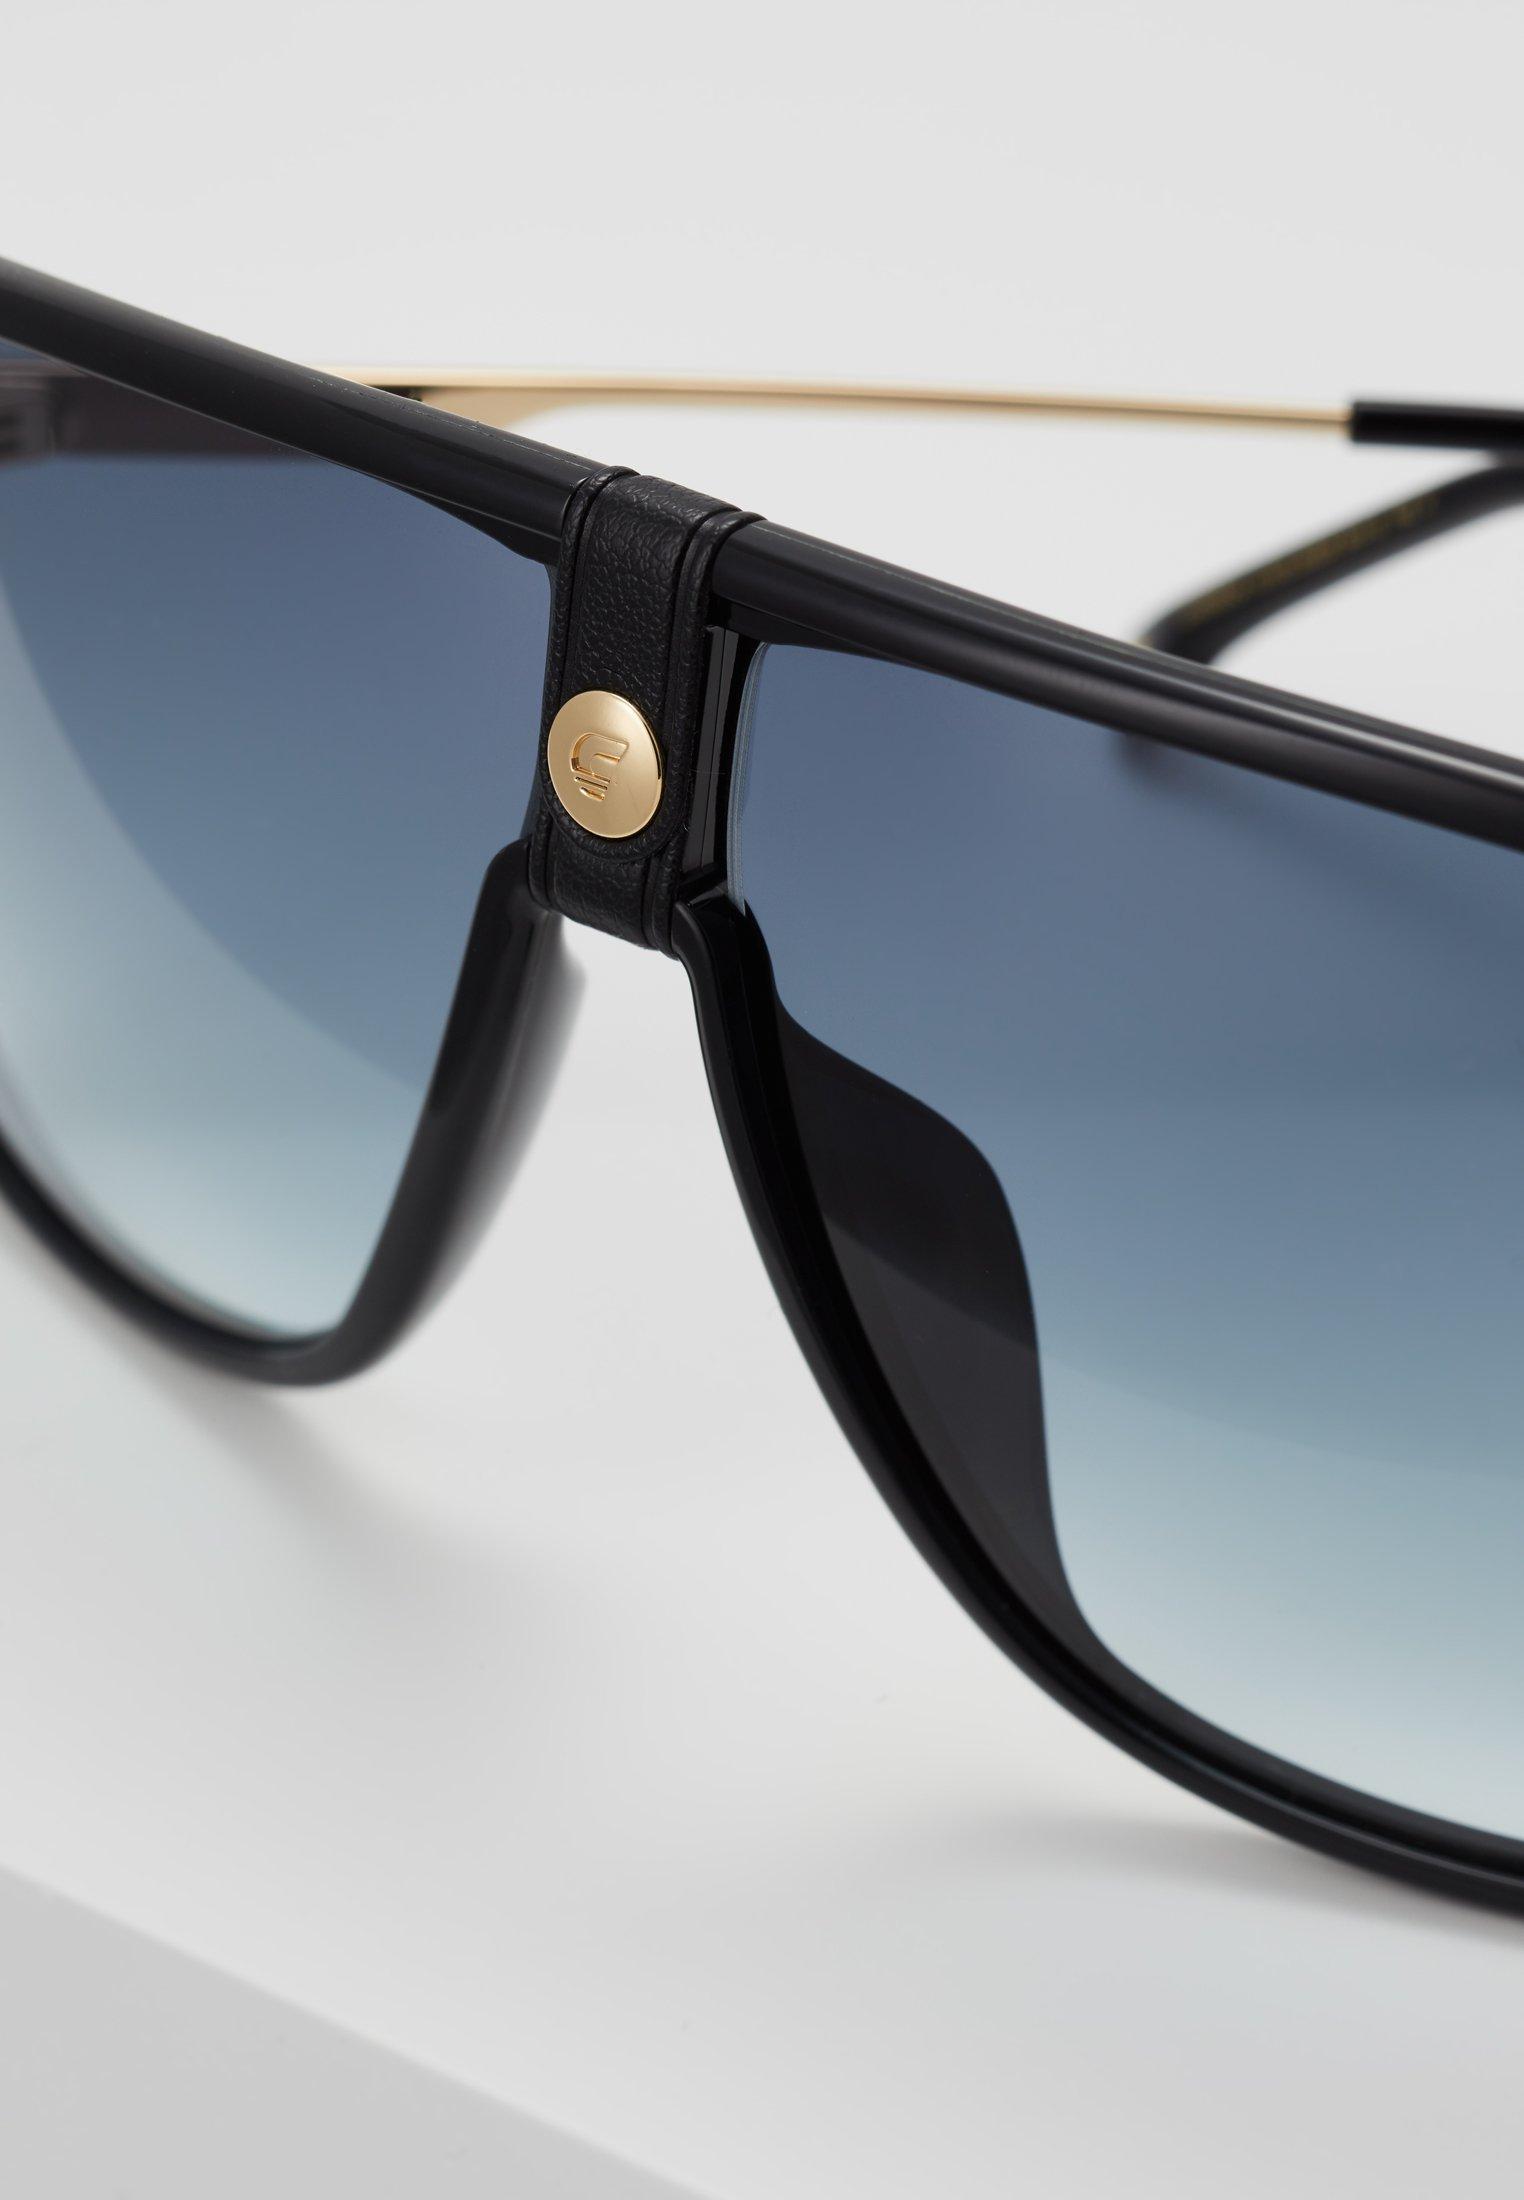 Compra Carrera Gafas de sol - black/gold | Complementos de hombre 2020 3yqas